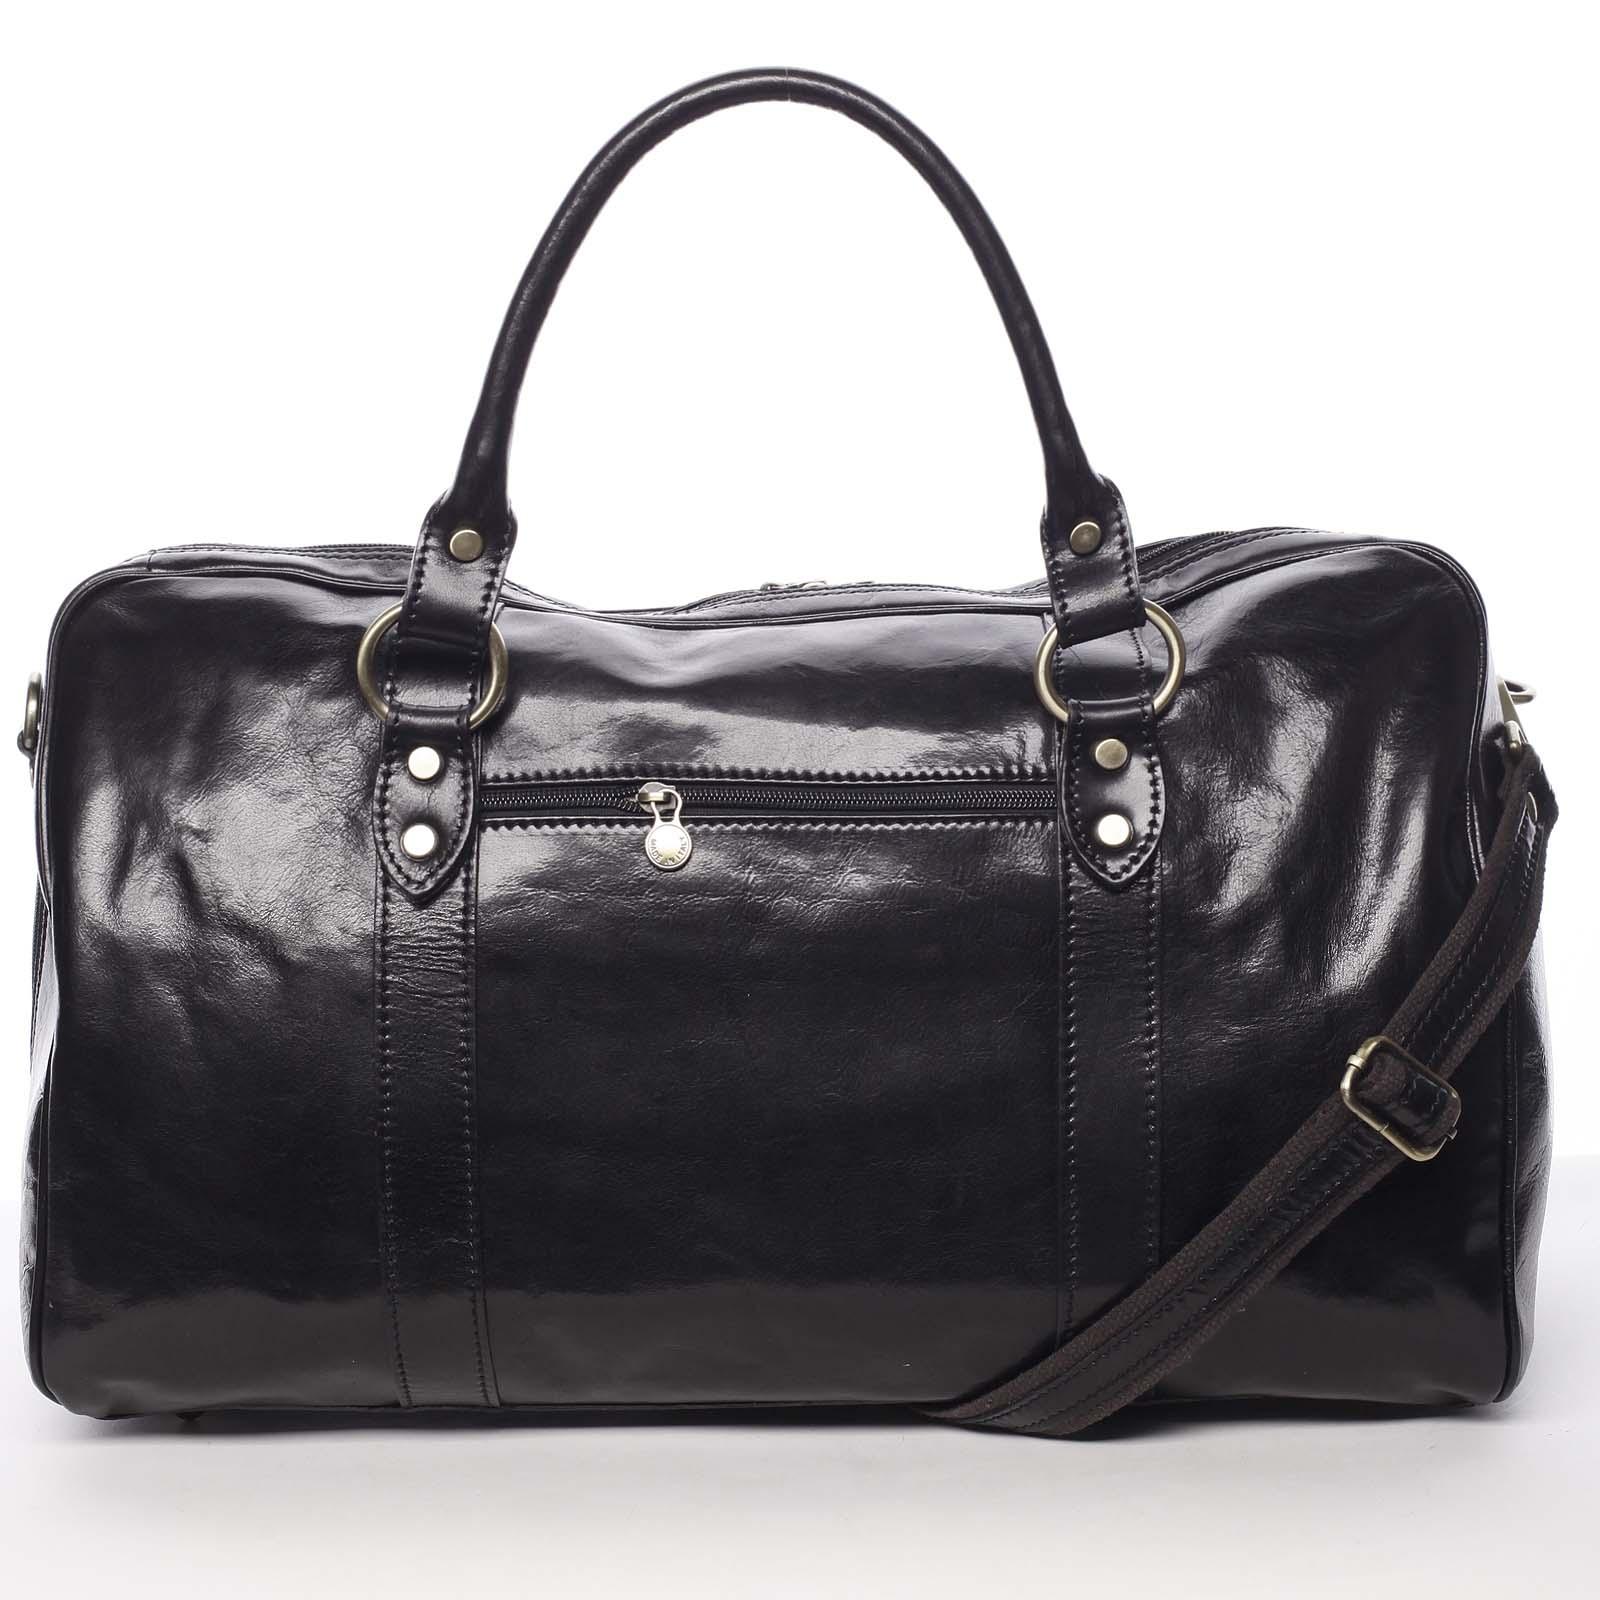 Veľká cestovná kožená taška čierna - ItalY Equado